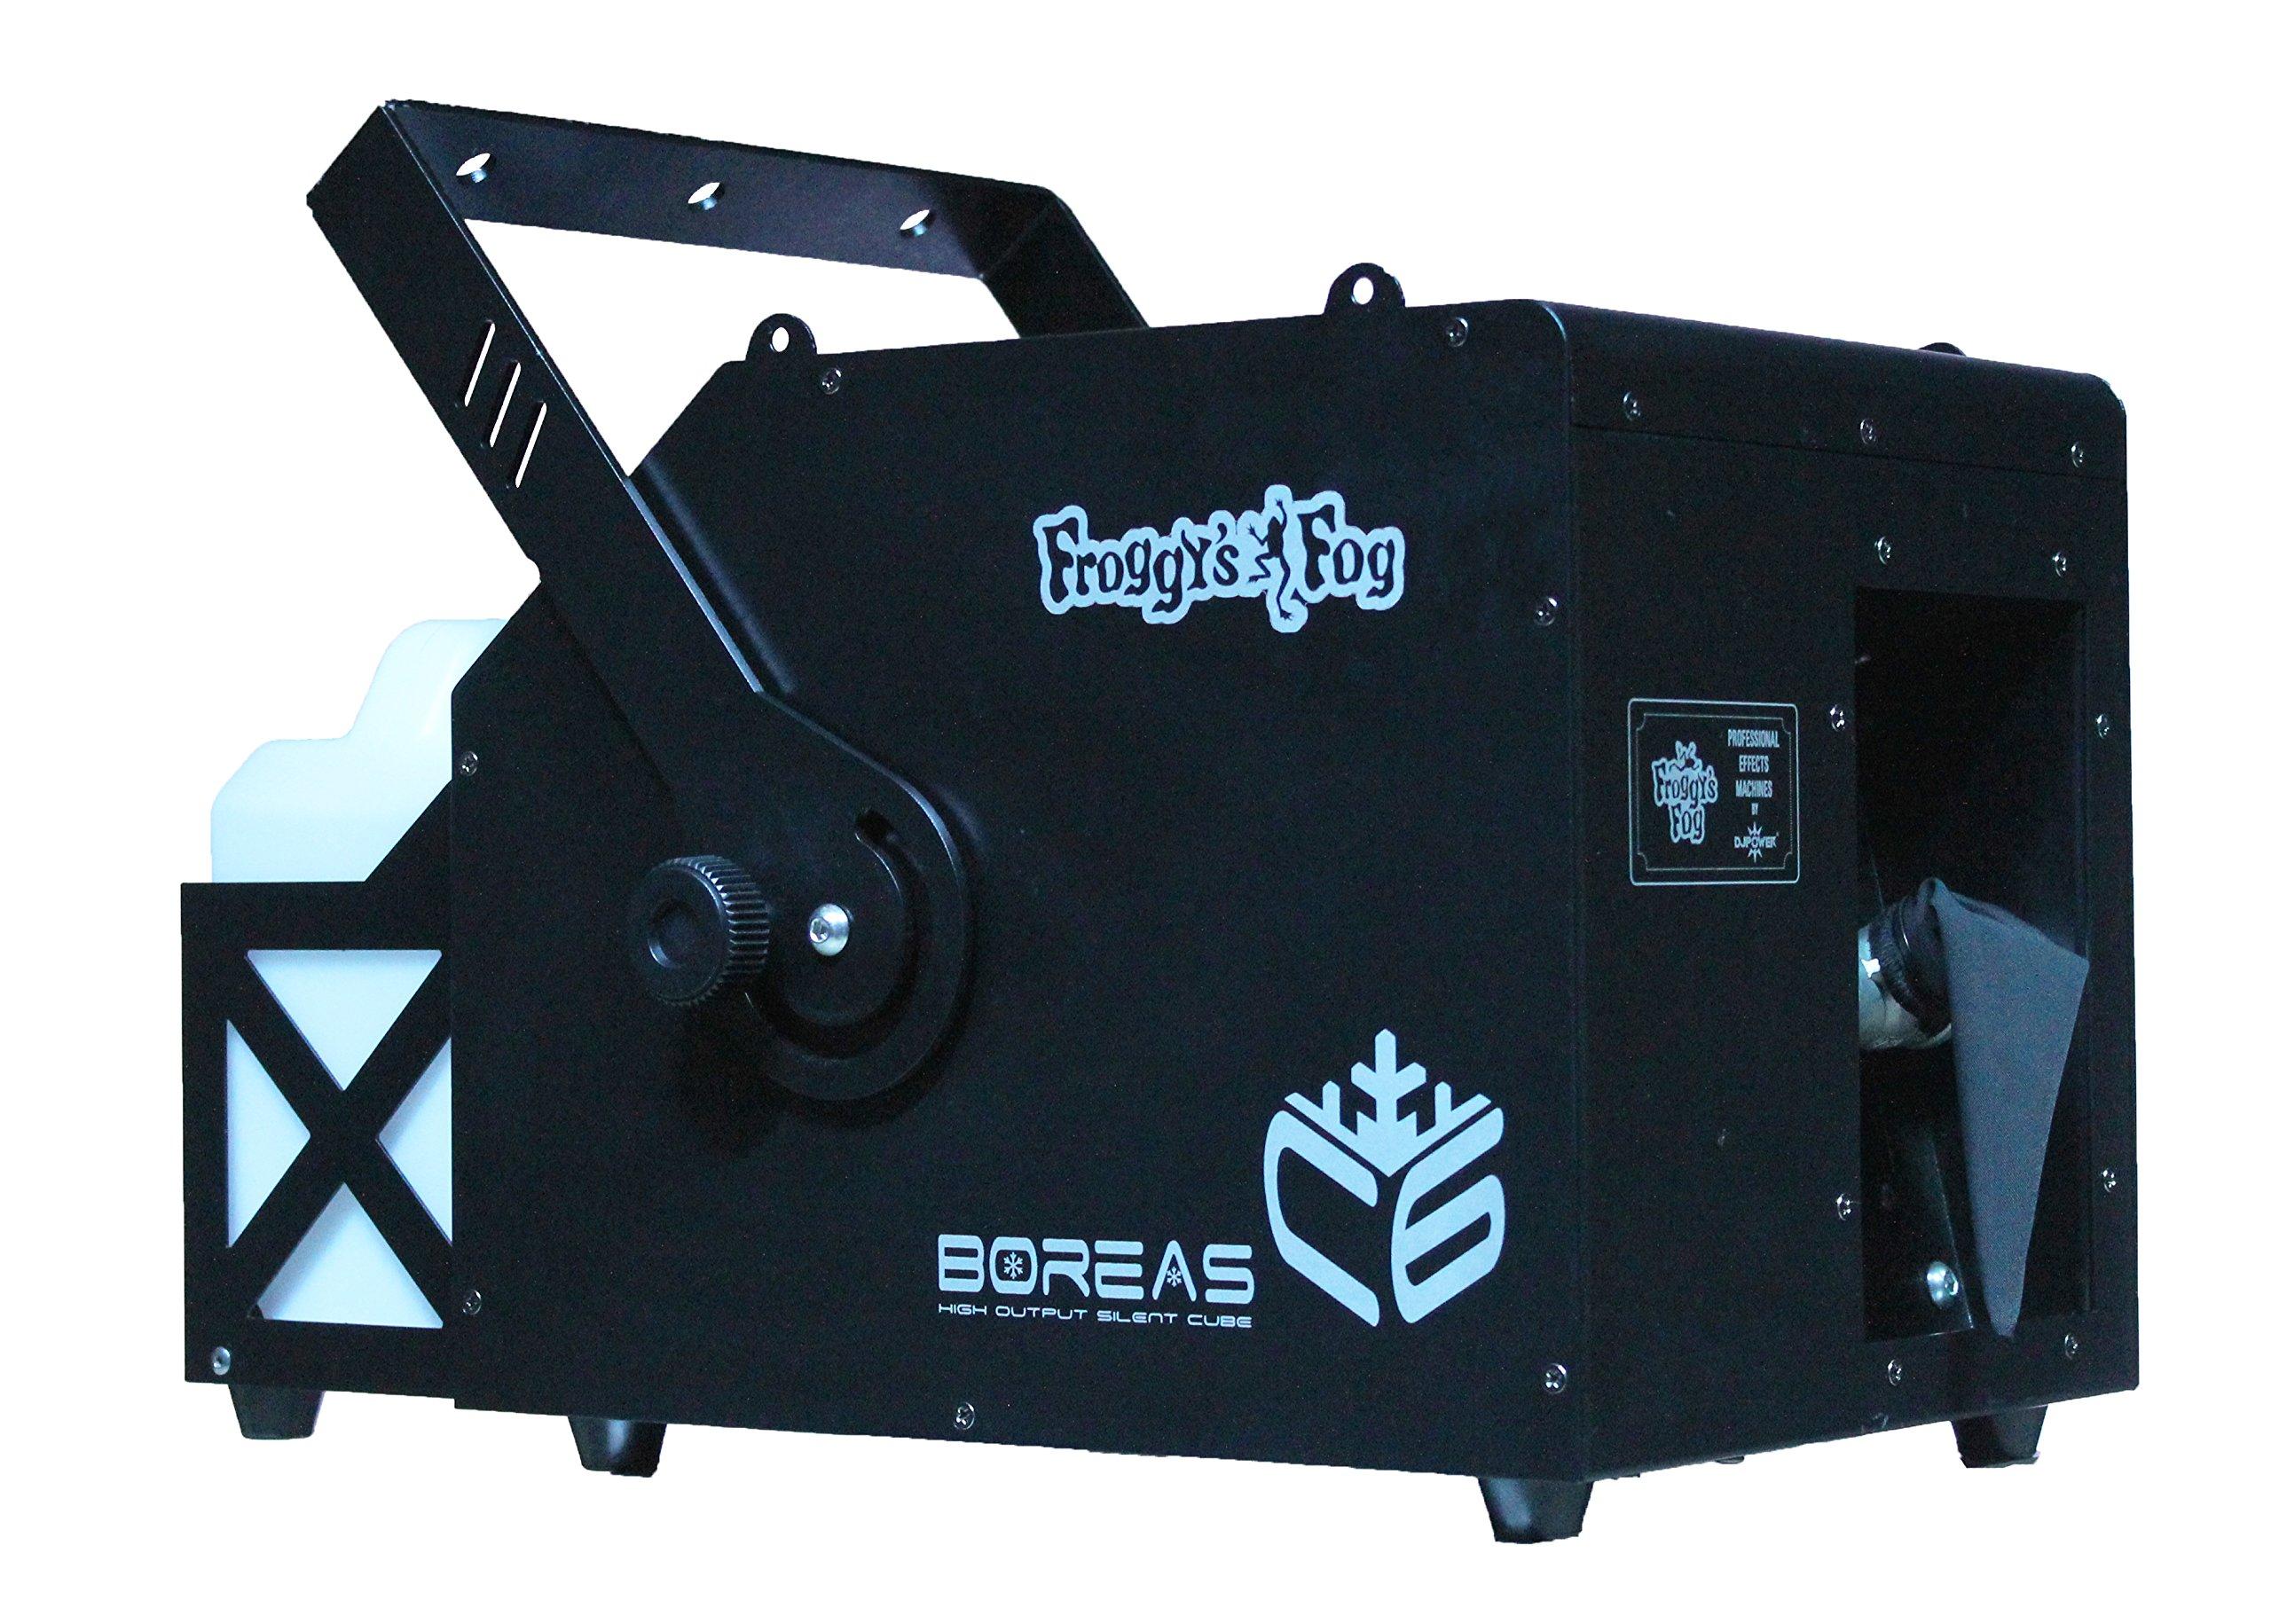 BOREAS CUBE C6 ‐ HIGH OUTPUT ‐ SUPER SILENT SNOW MACHINE